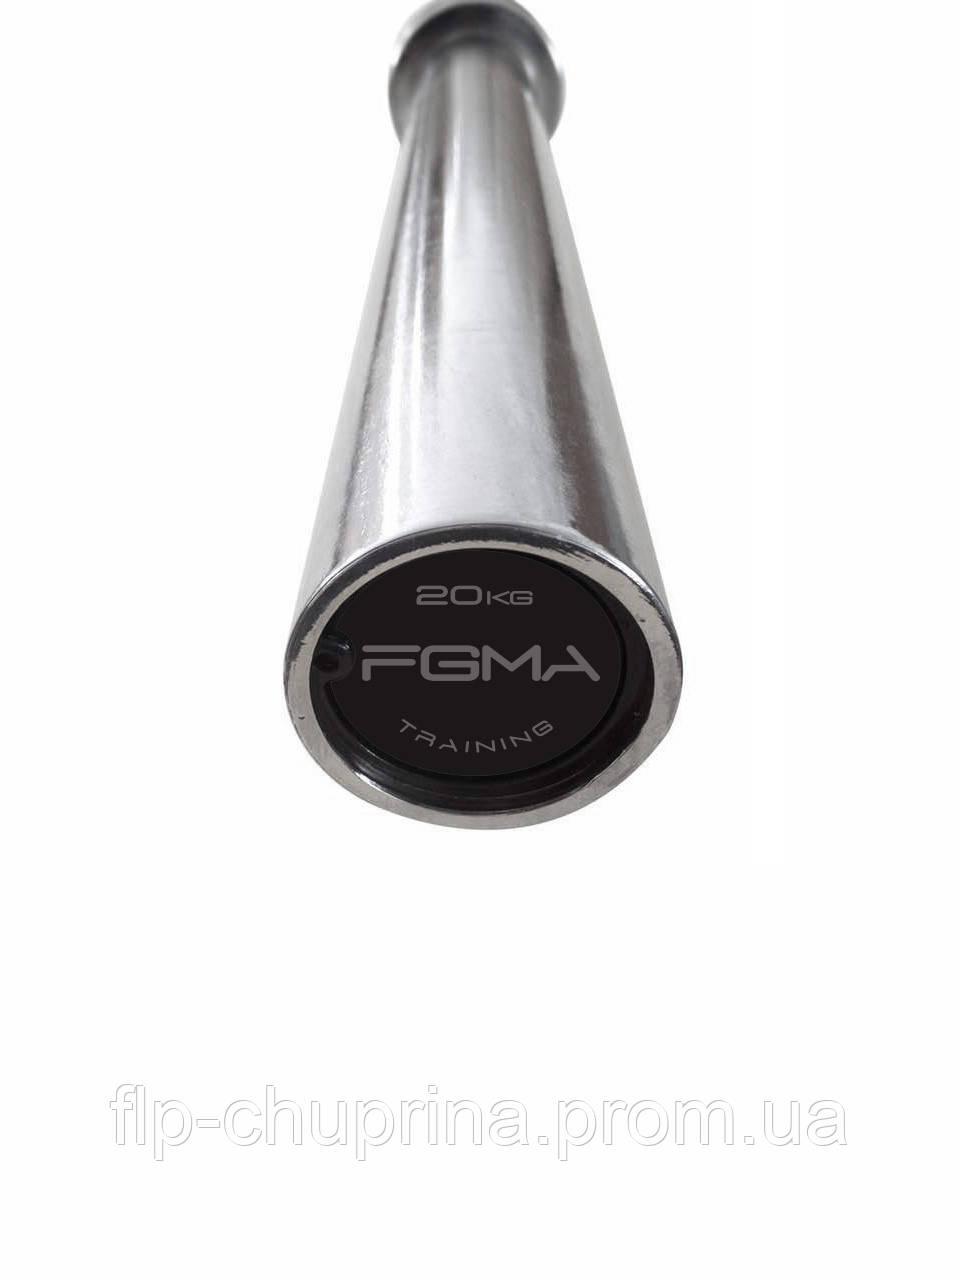 Гриф для штанги Тренувальний FGMA